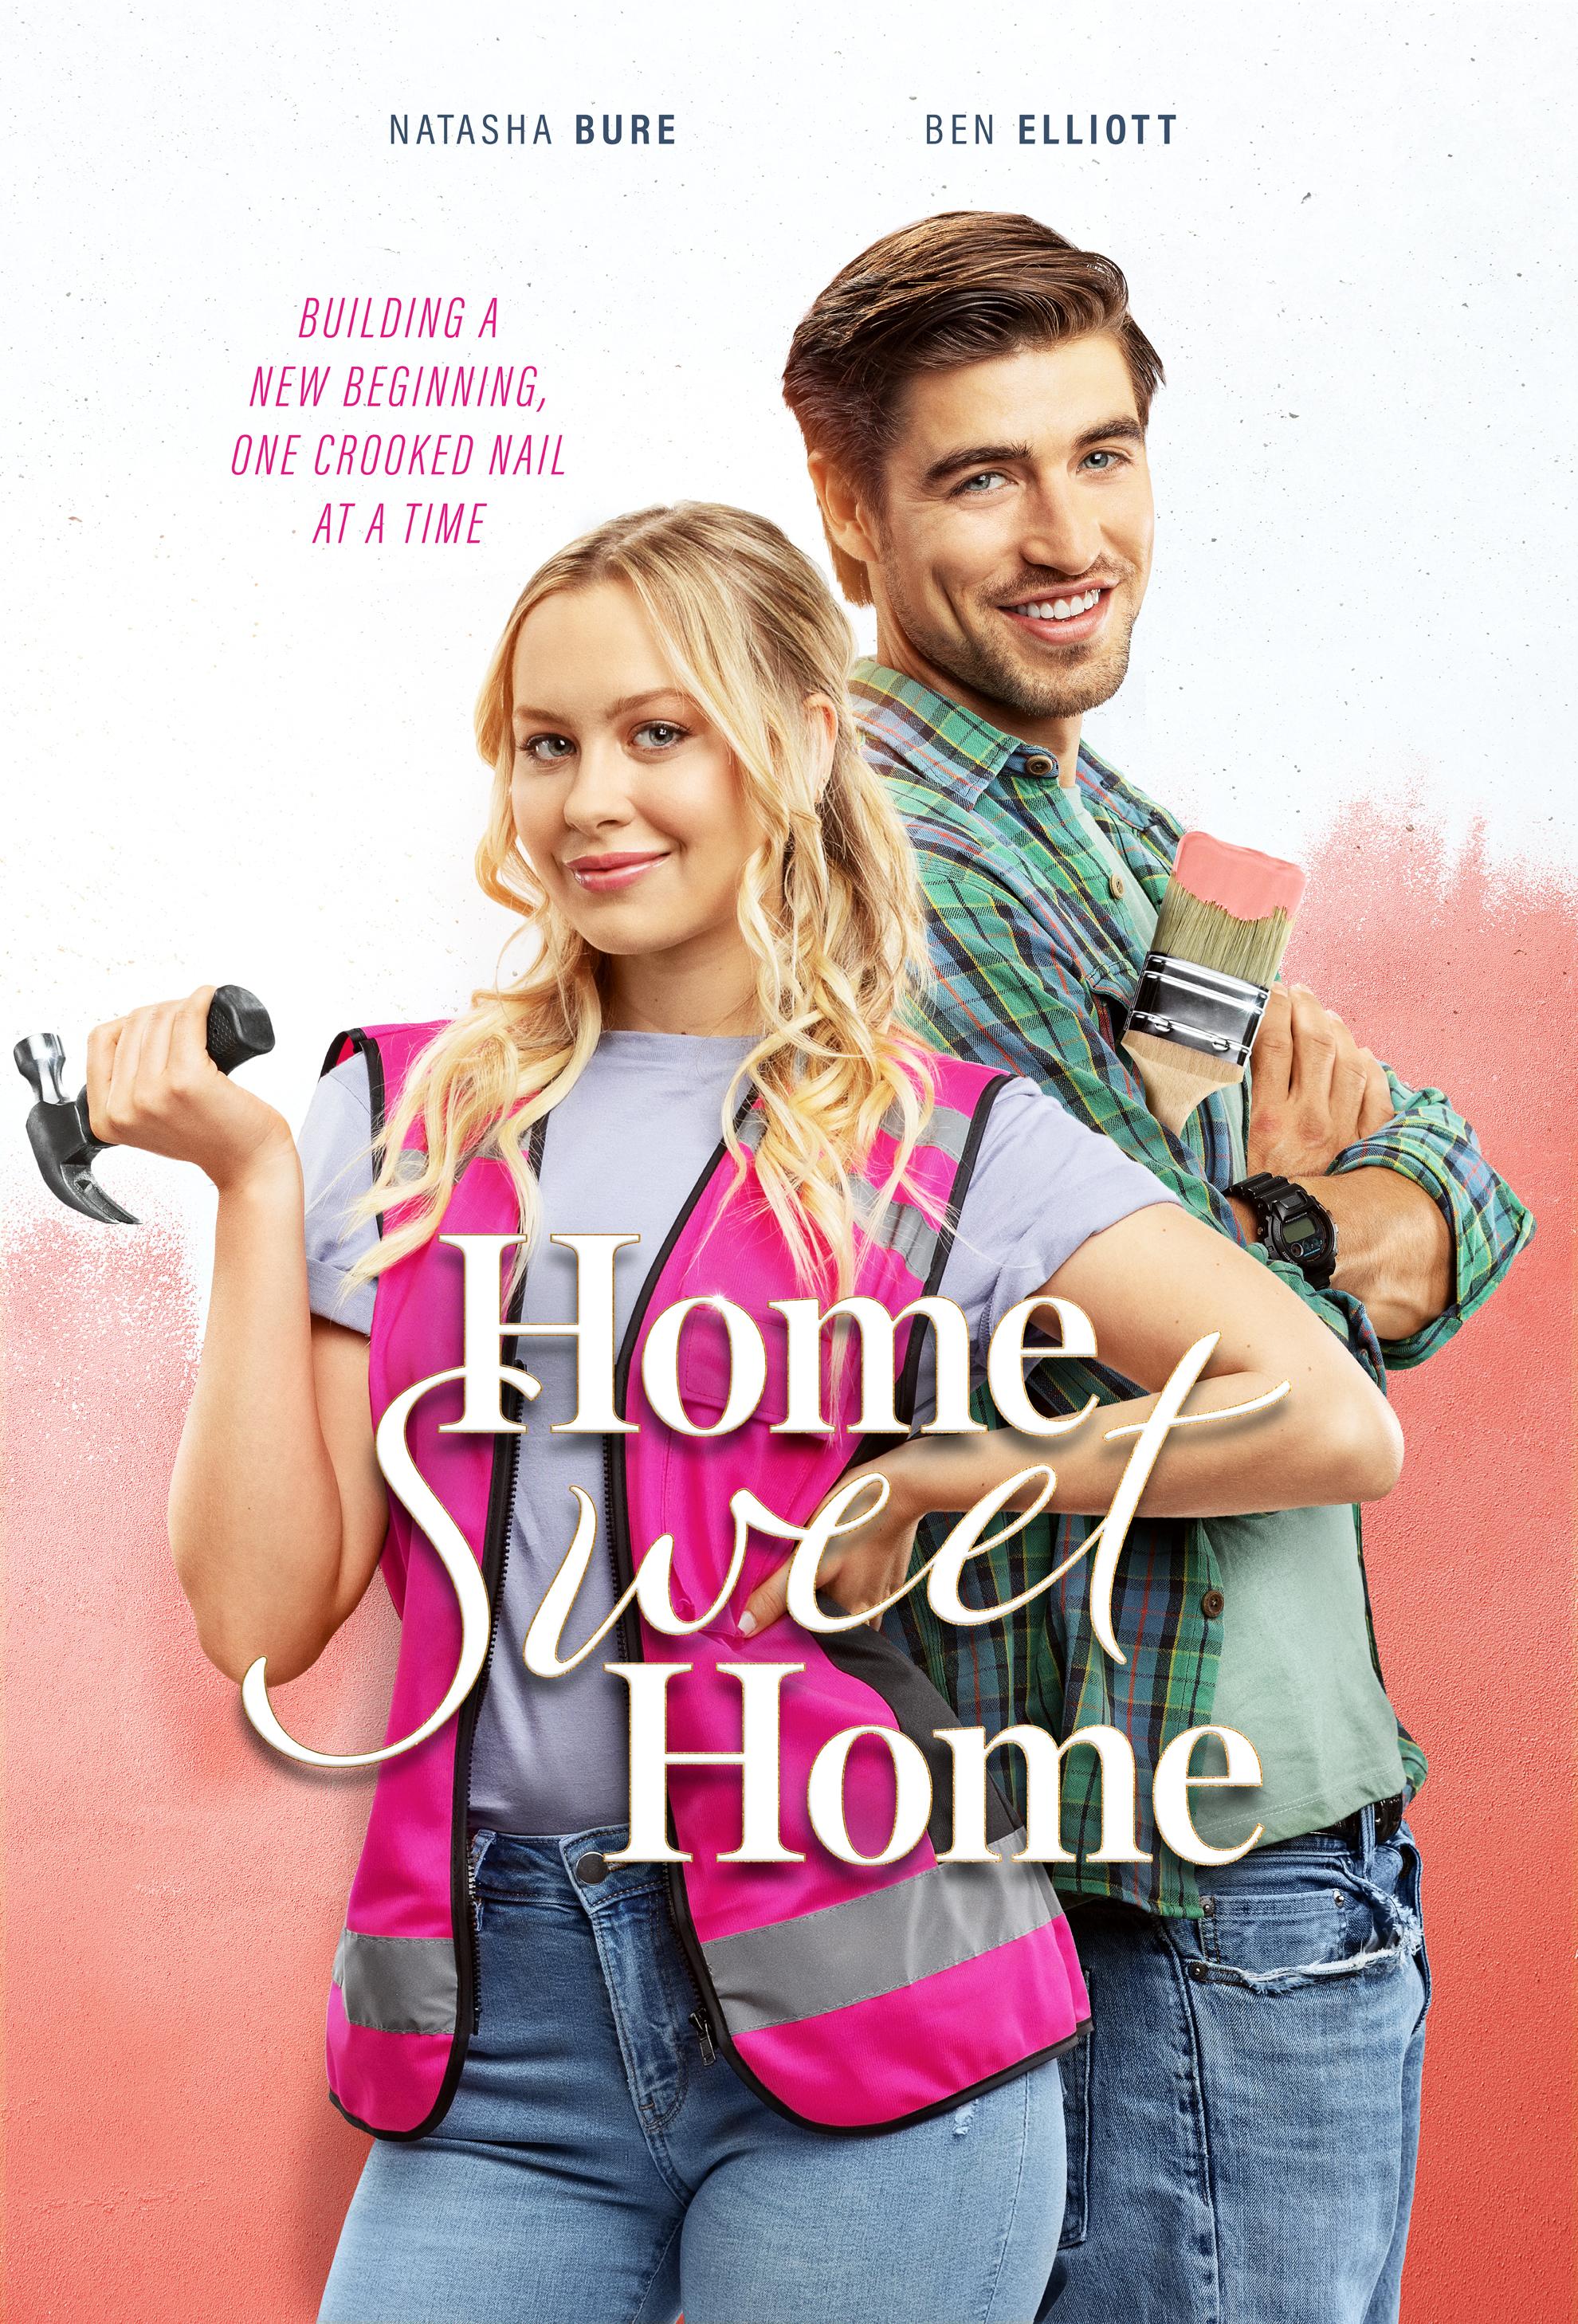 Home Sweet Home 2020 Imdb